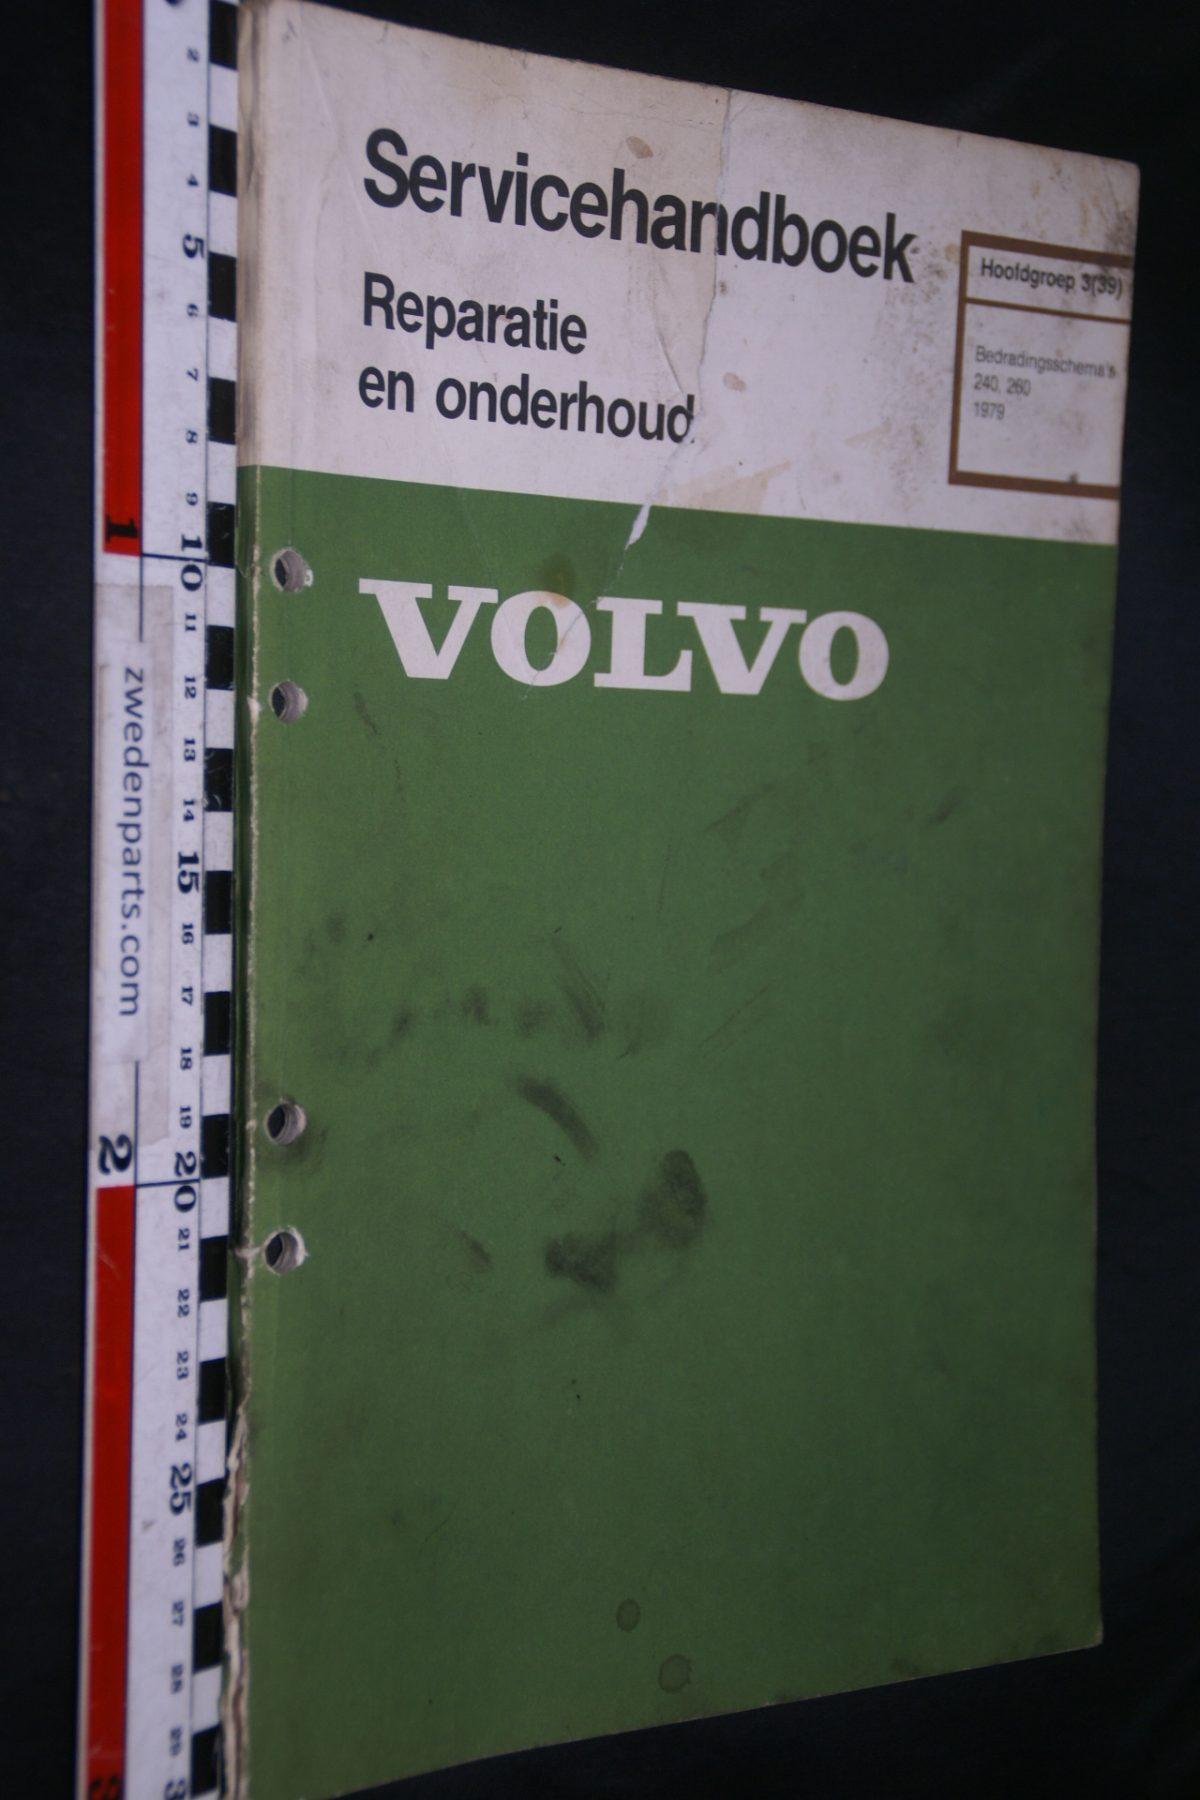 DSC06750 1980 origineel Volvo 240, 260 servicehandboek 3 bedradingsschema 1 van 800 TP 30202-1